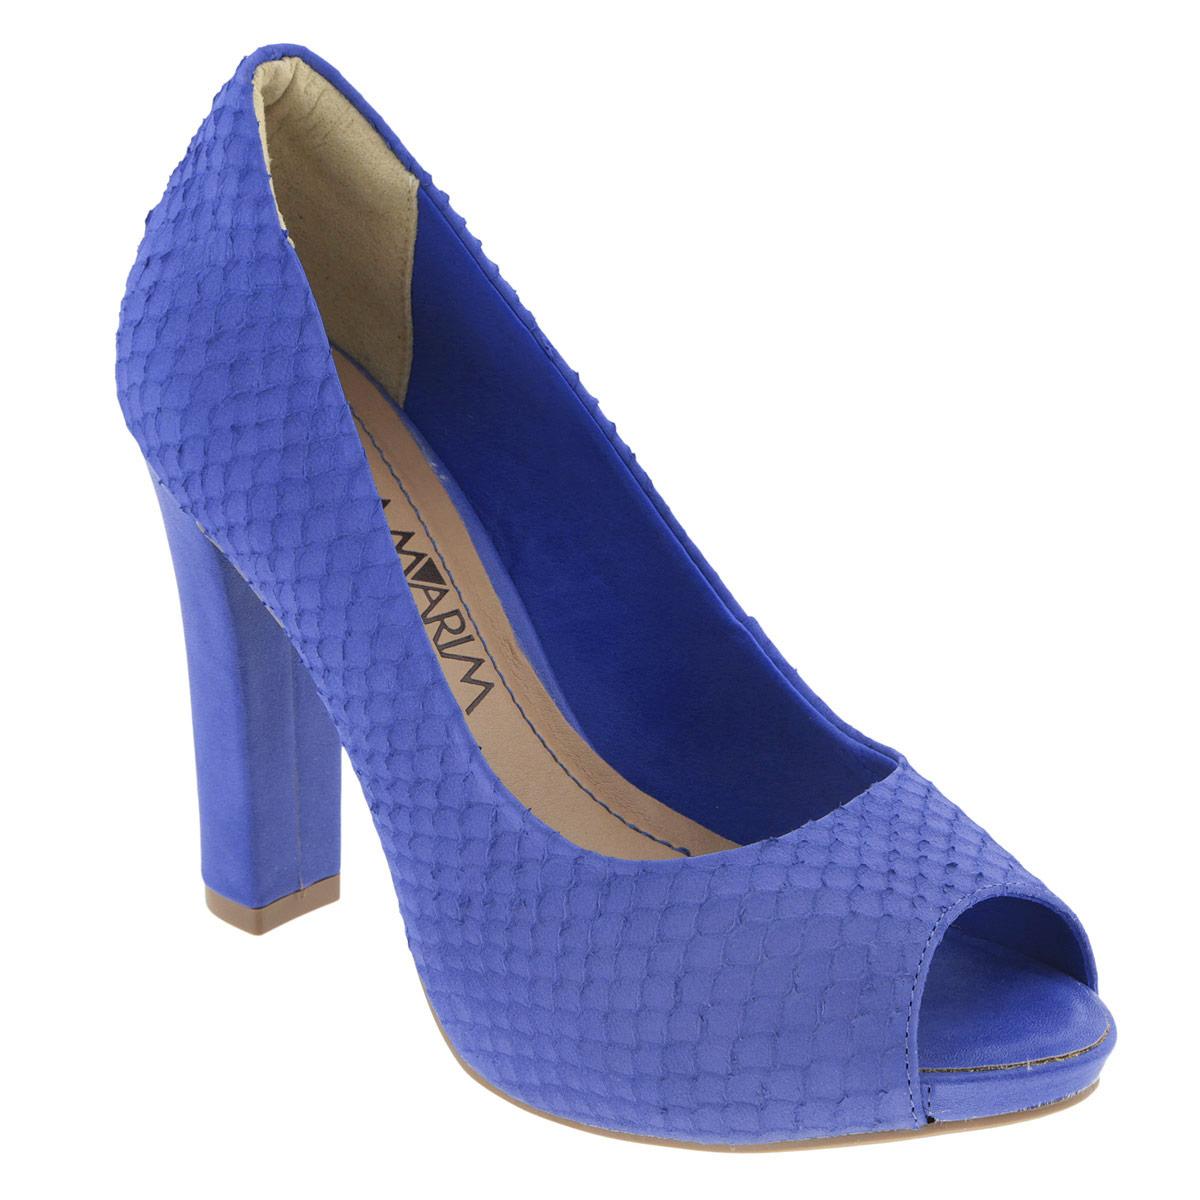 Туфли женские. 14-2223114-22231Модные туфли от Ramarim эффектно дополнят ваш летний наряд. Модель выполнена из натуральной кожи и оформлена конгревным тиснением, имитирующим змеиную кожу. Открытый носок смотрится невероятно элегантно. Мягкая стелька из натуральной кожи обеспечивает комфорт при ходьбе. Высокий каблук компенсирован платформой. Рифленая поверхность каблука и подошвы защищает изделие от скольжения. Стильные туфли не оставят равнодушной настоящую модницу!